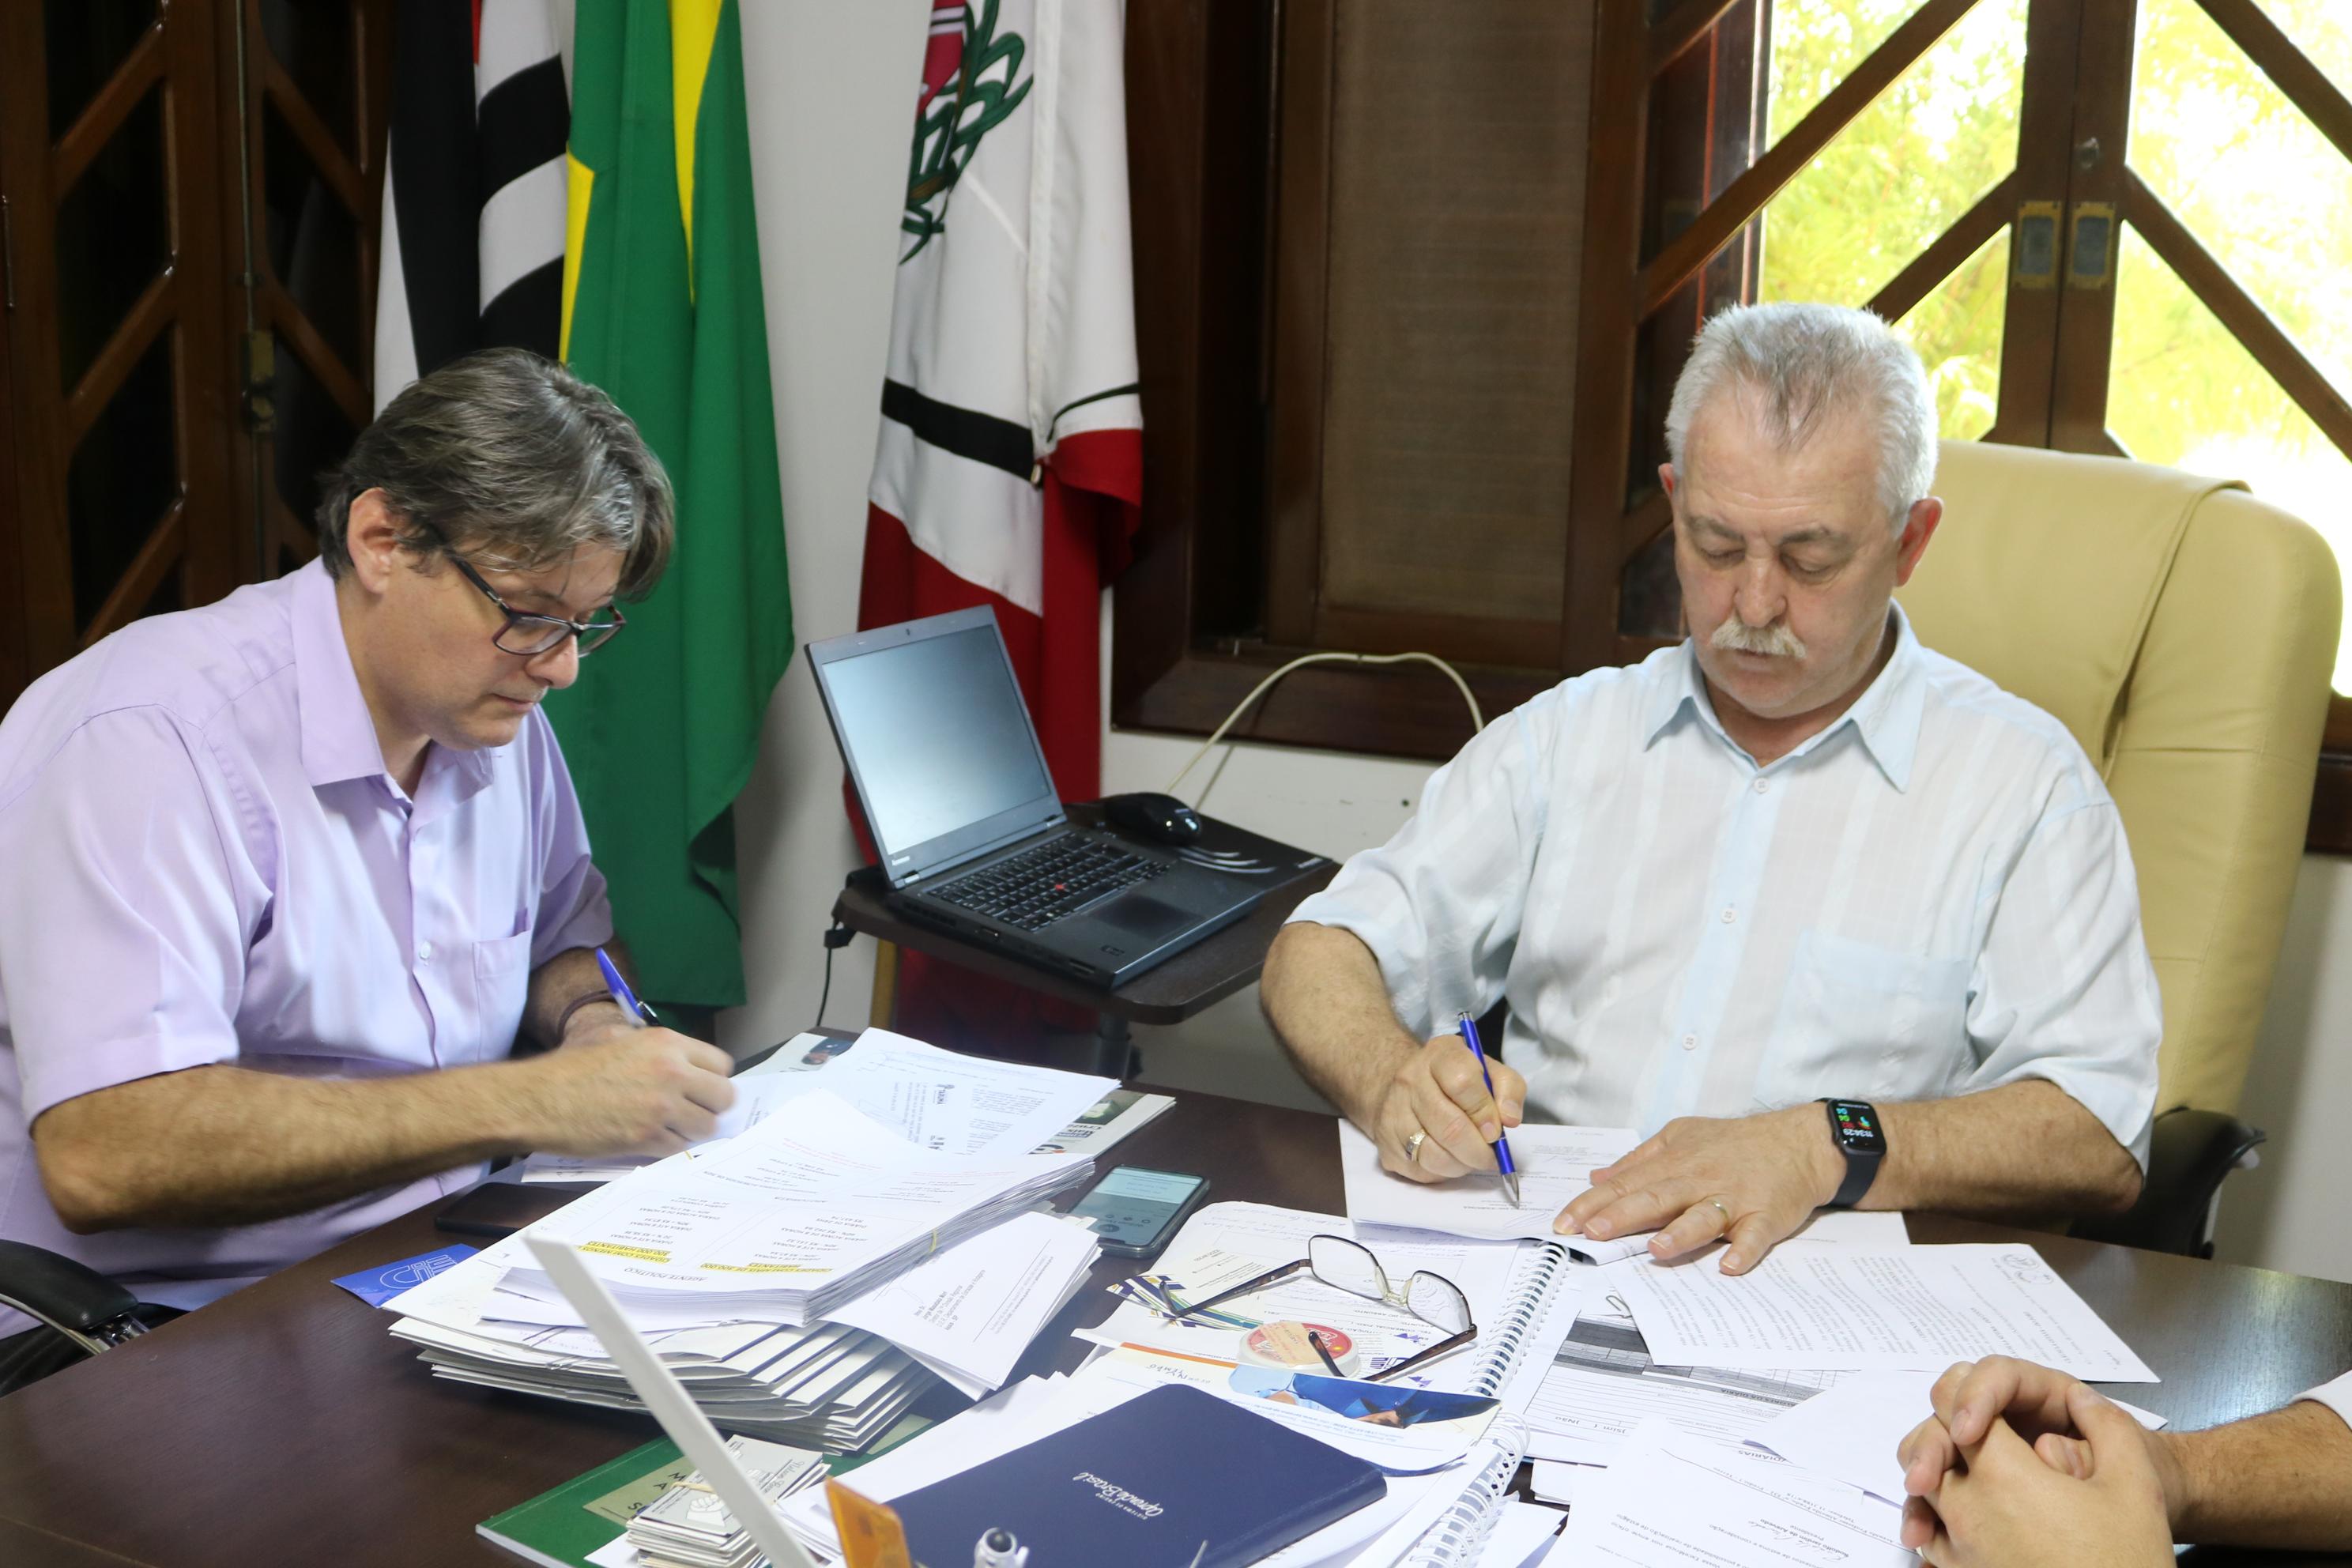 Centro de Formação Profissional de Tarumã vai capacitar em 2019 ao menos quinhentas pessoas para o mercado de trabalho